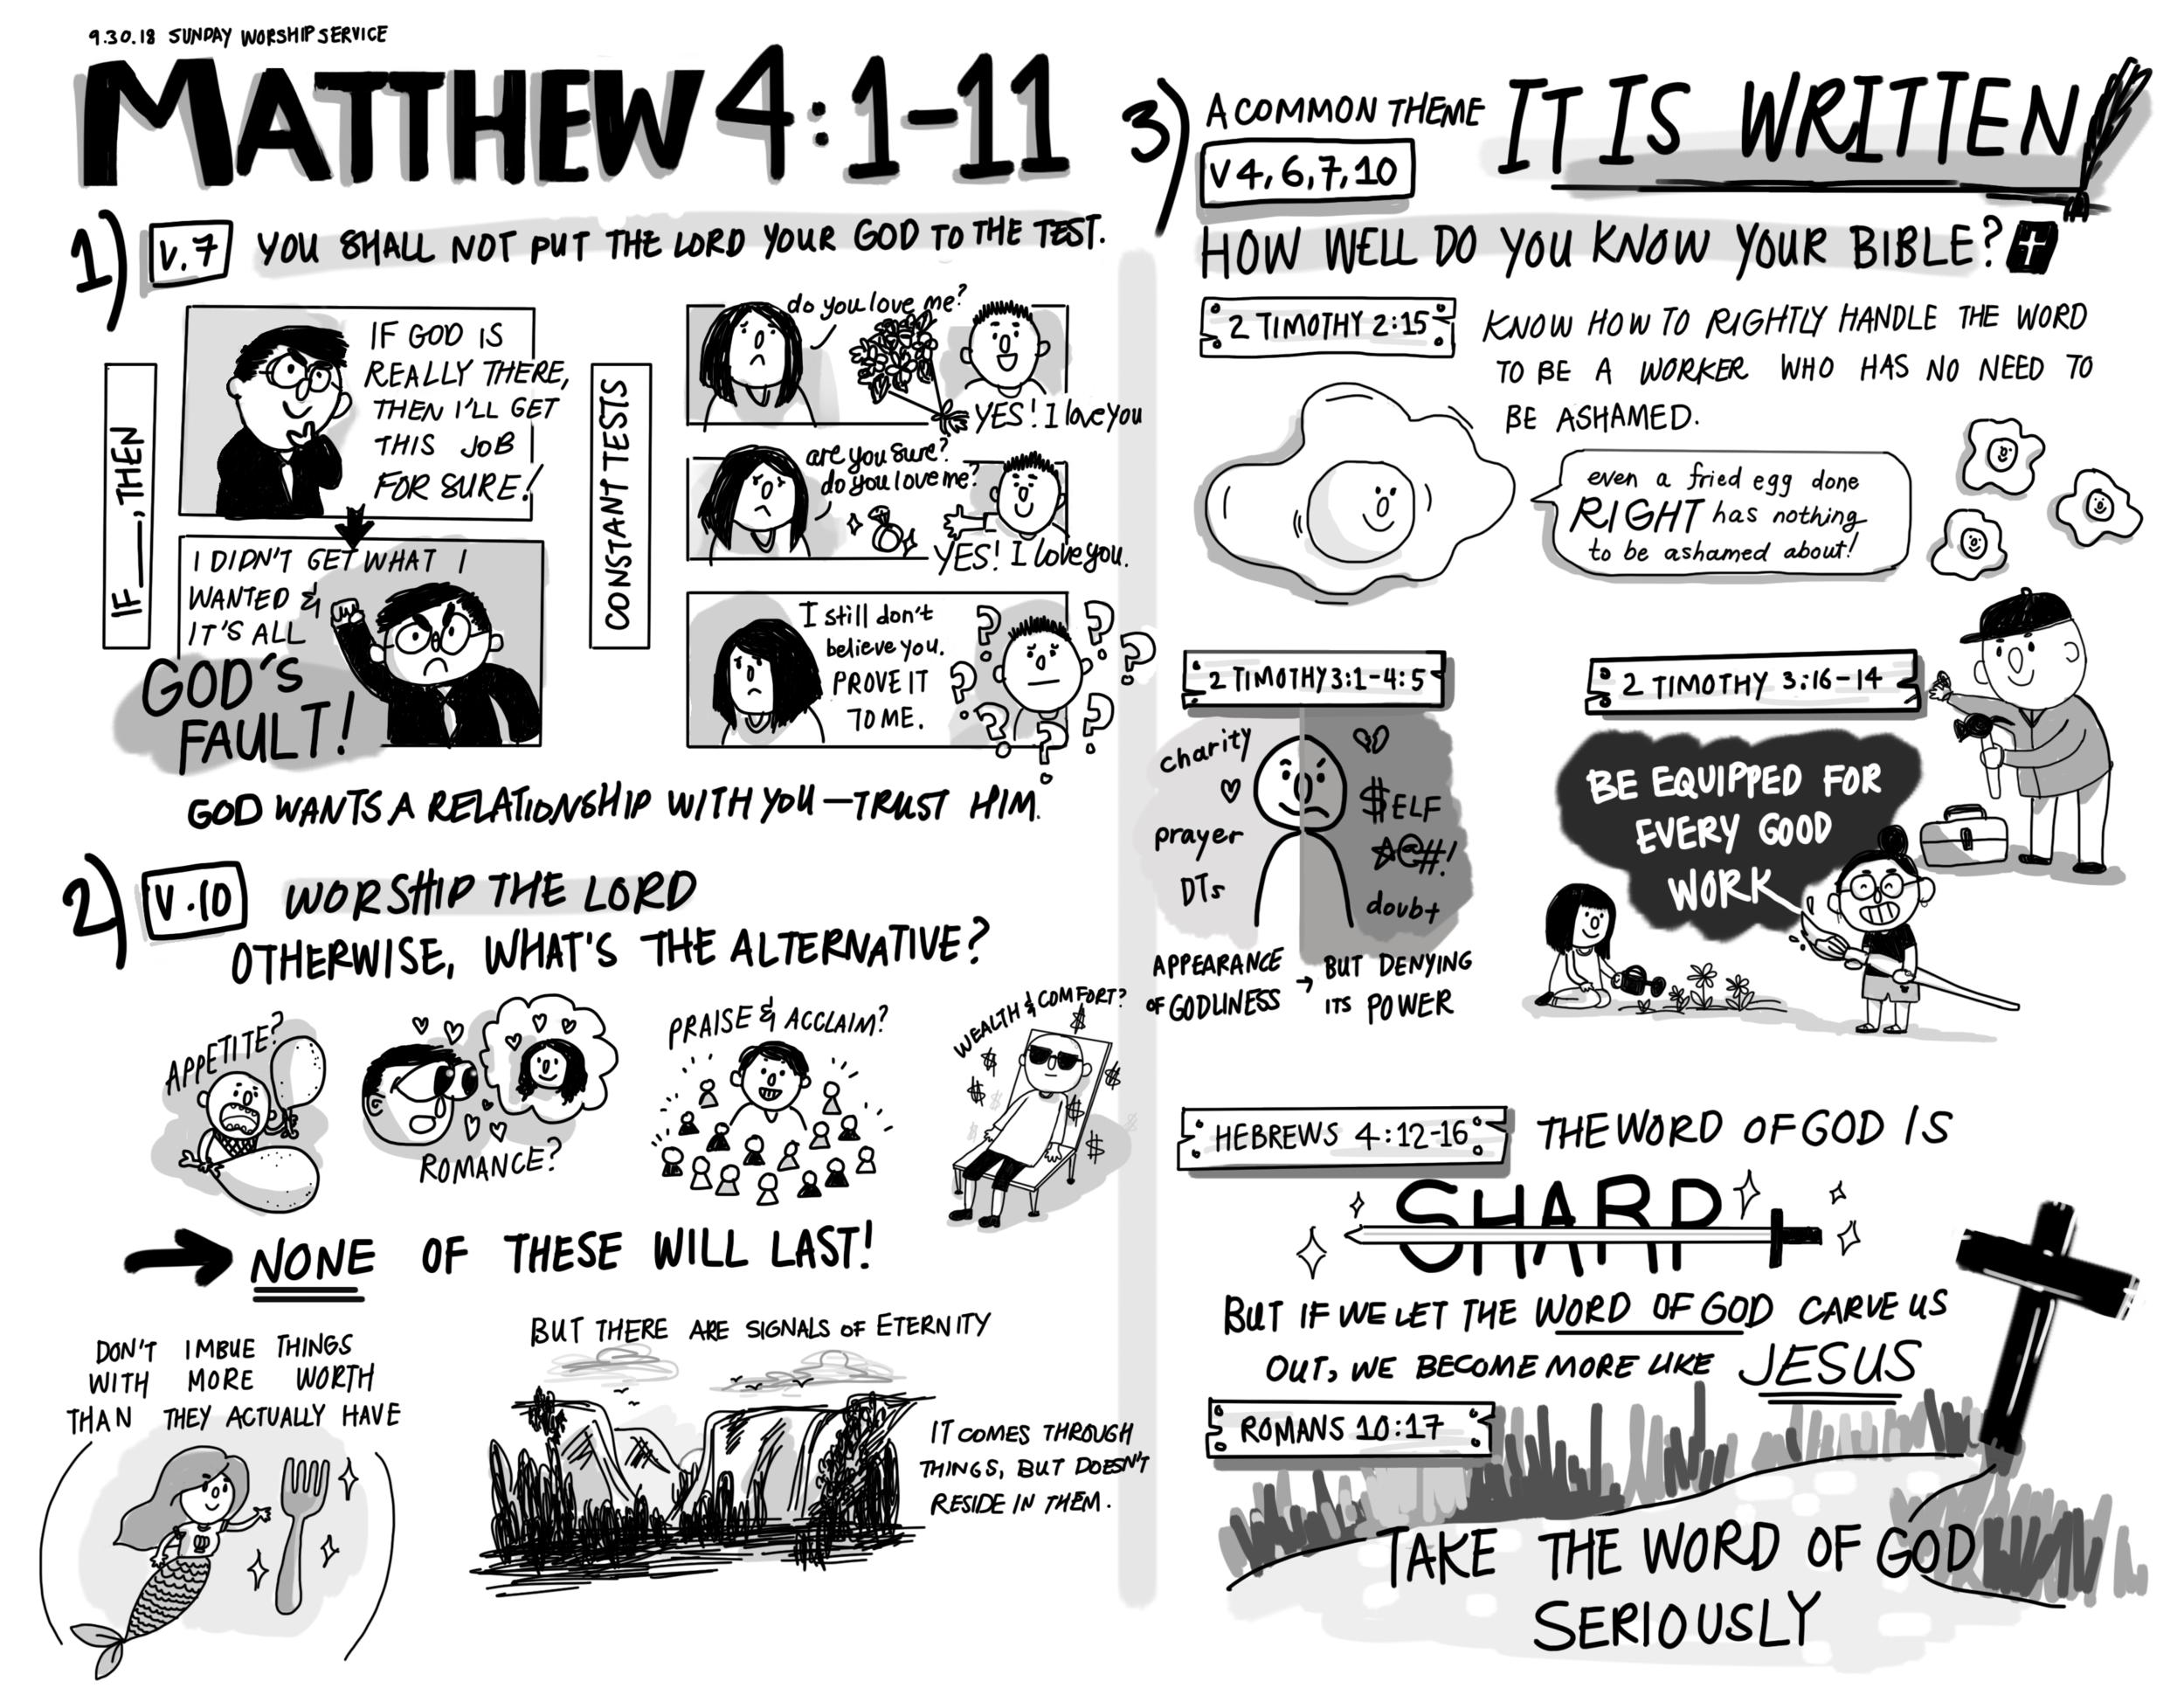 Sept 30 - Temptation of Jesus Pt. 2